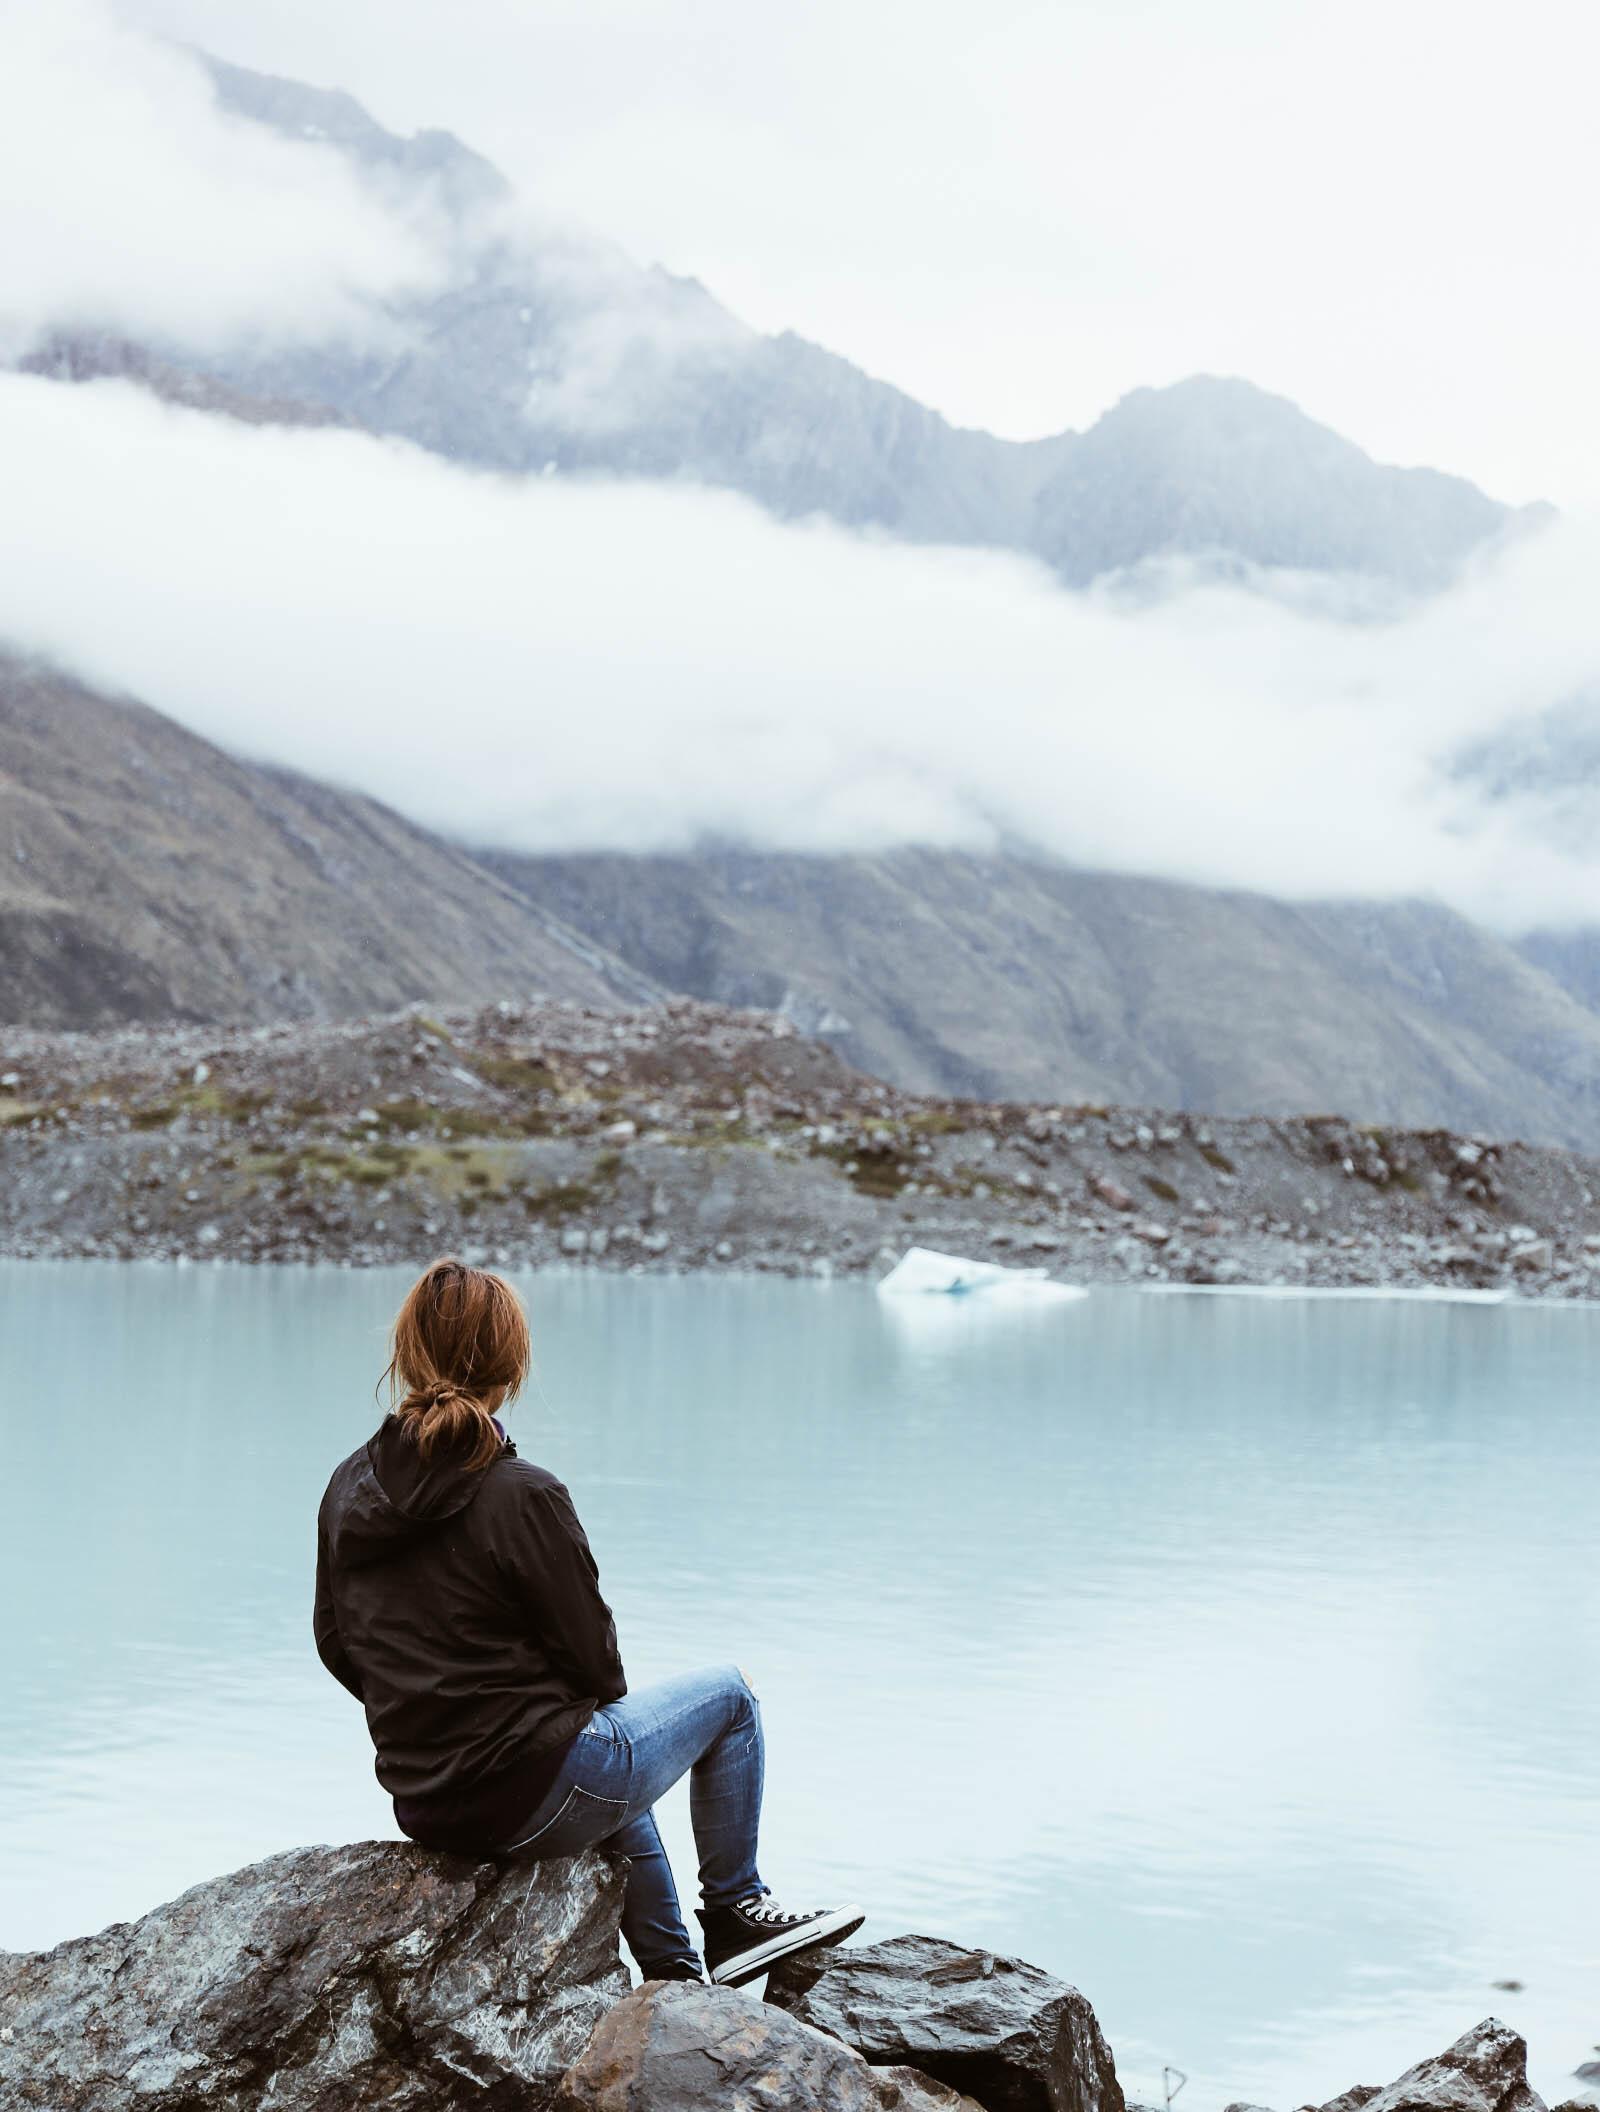 とにかく絶景!写真を撮りたくなるニュージーランドの大自然へ!